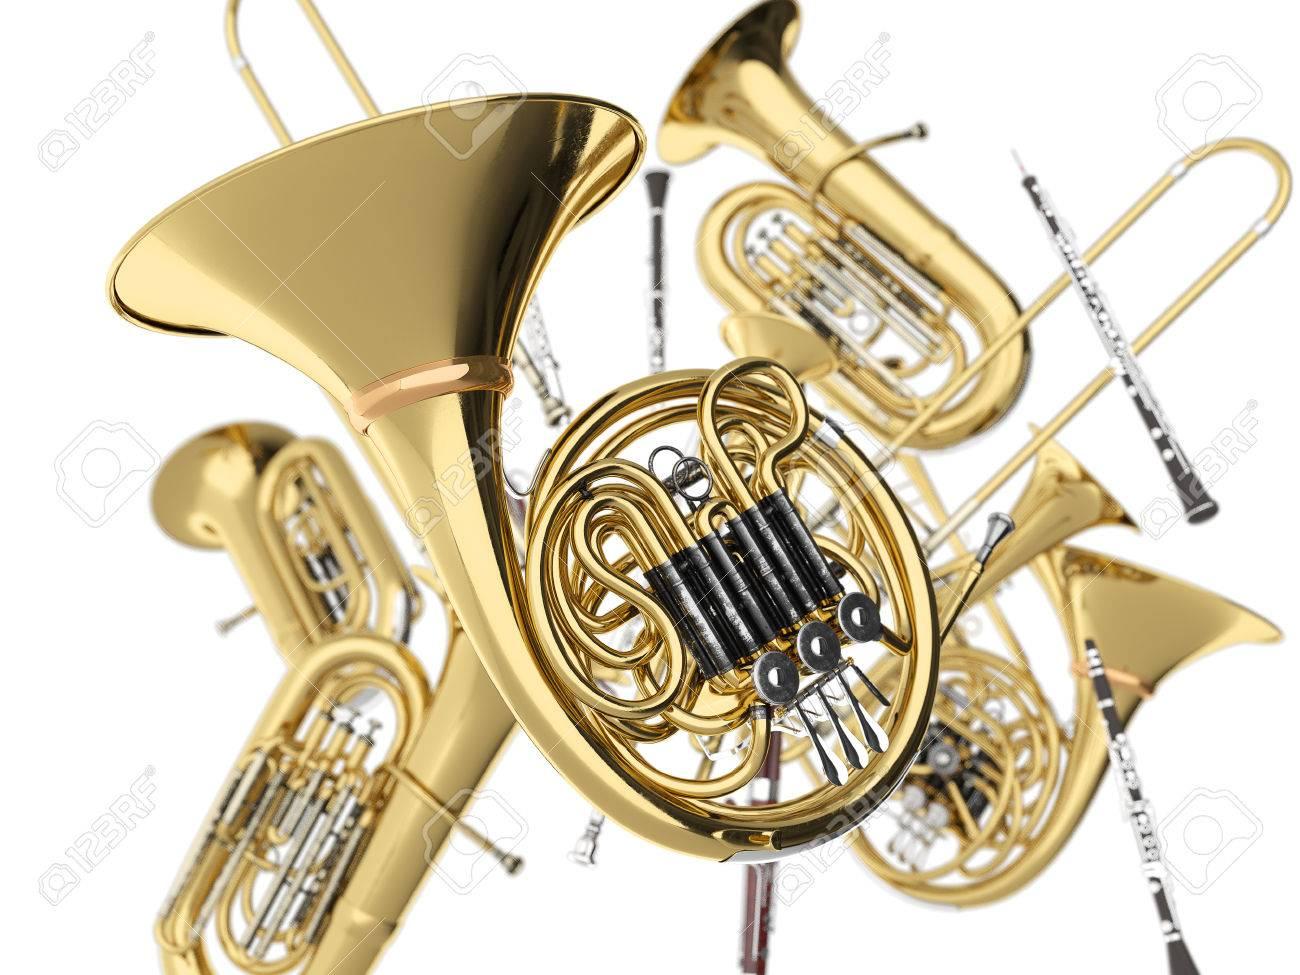 Wind musical instruments  on white. 3d render Standard-Bild - 58115943